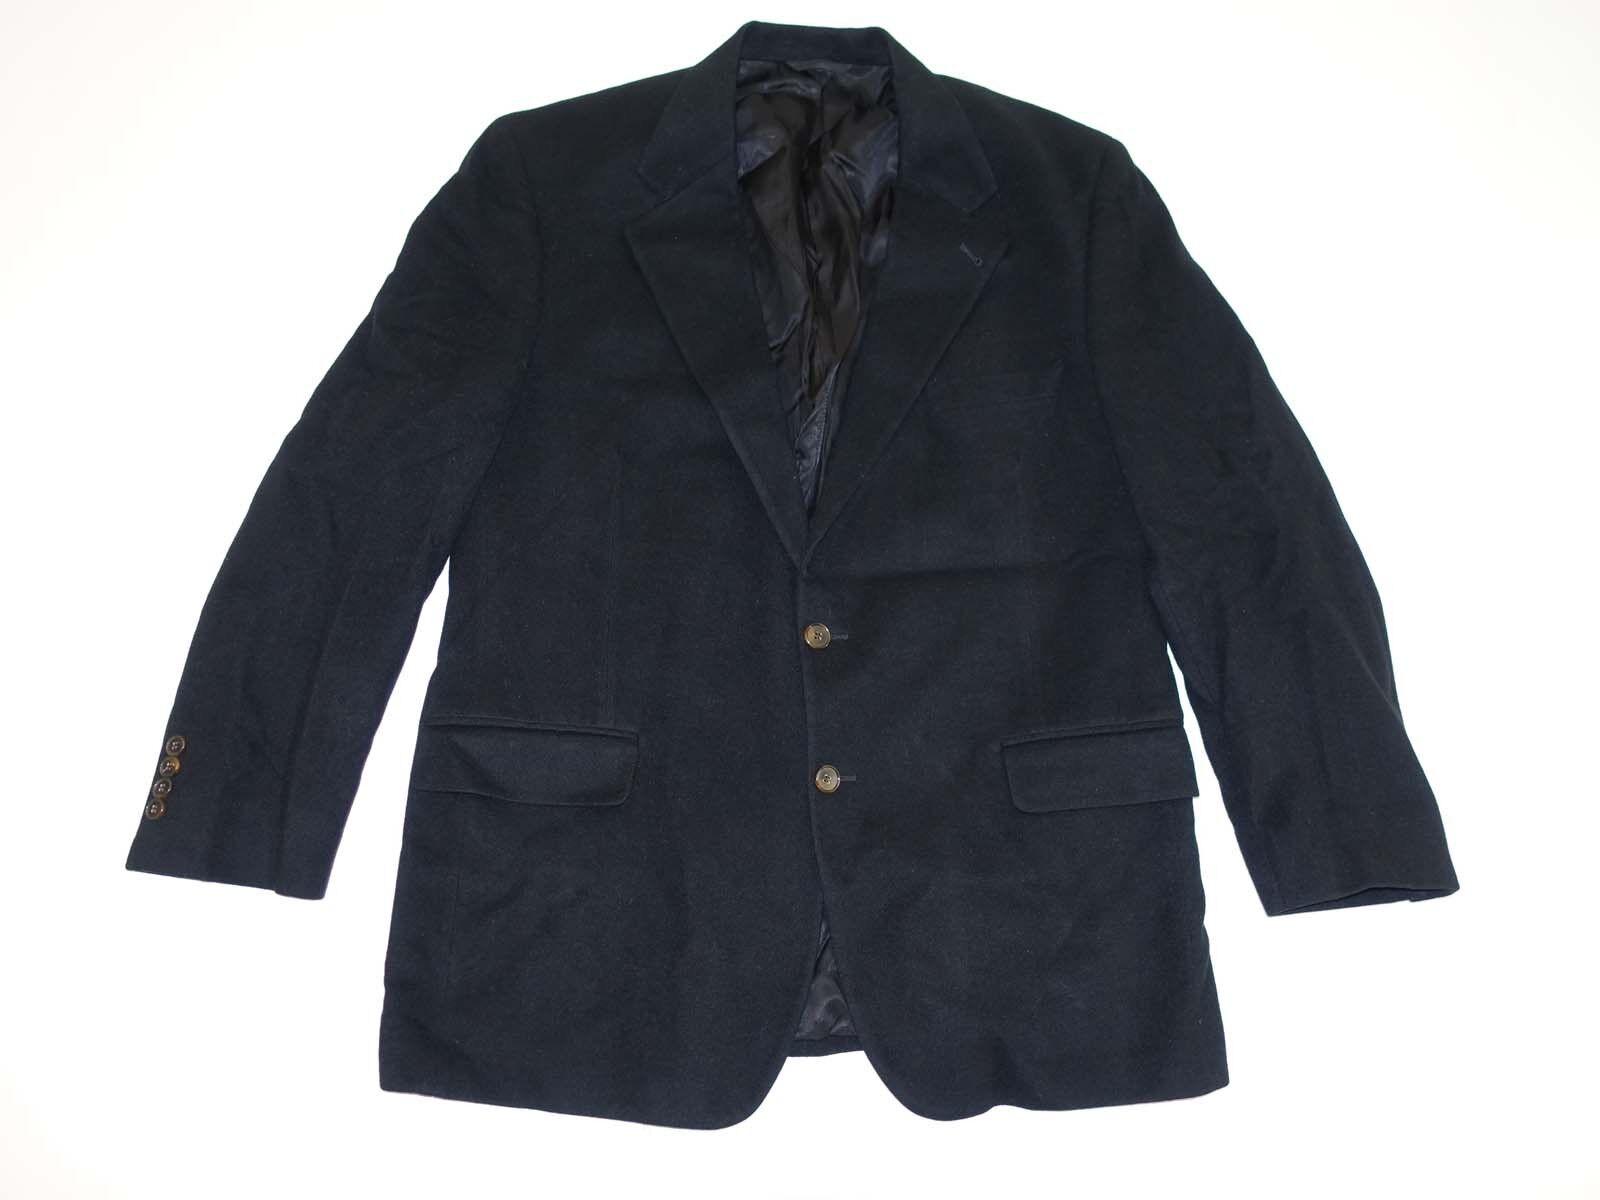 Flügelspitzen Bill Blass Herren 100% Kaschmir Sport Mantel Größe 44 Lang Schwarz    | Primäre Qualität  | Zuverlässige Qualität  | Hohe Qualität Und Geringen Overhead